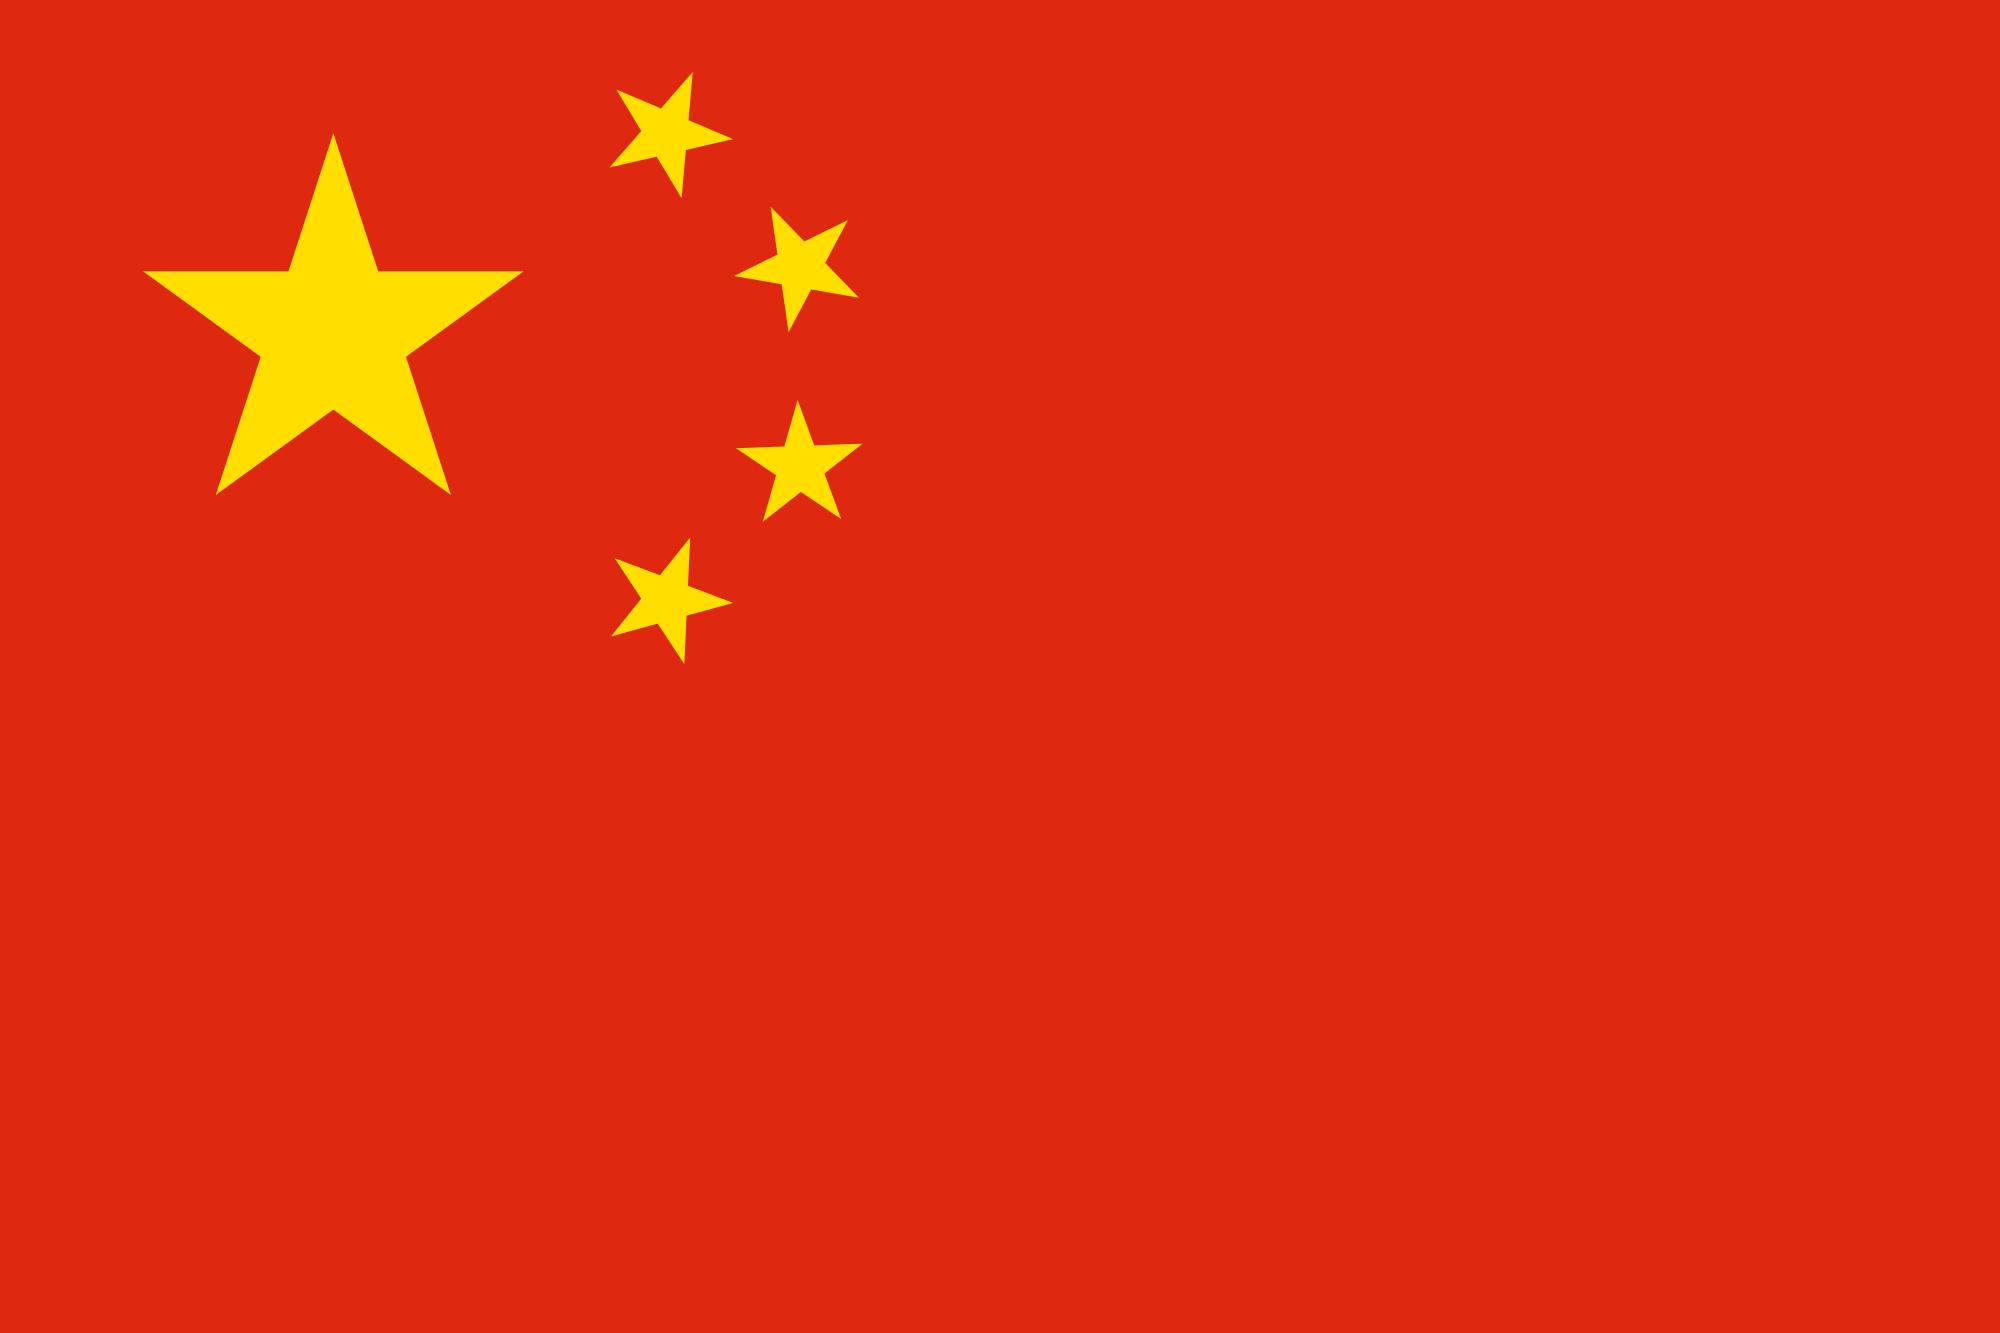 Китаец върна 175 милиона долара и за награда получи кутия цигари